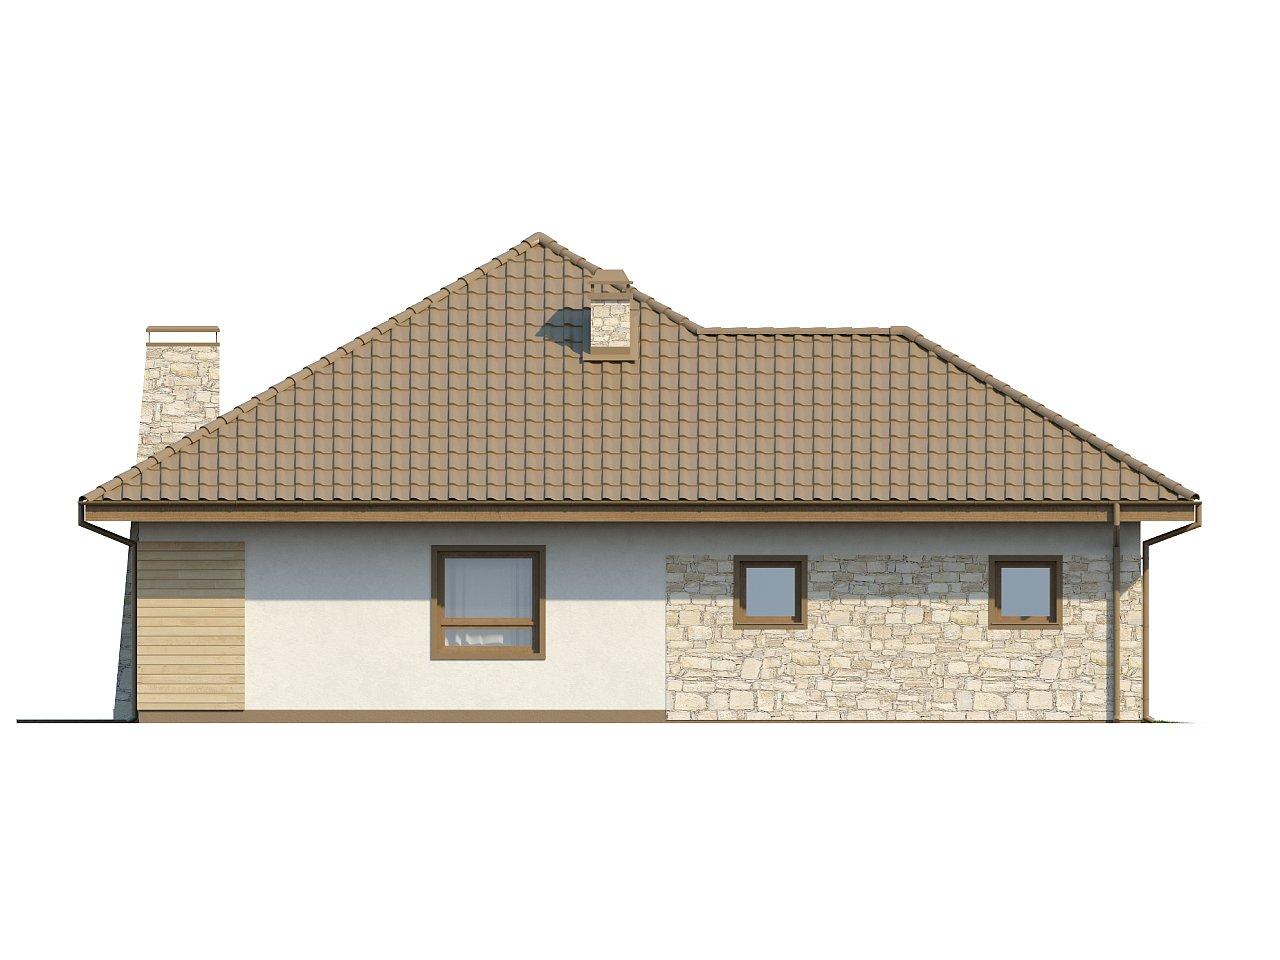 Одноэтажный удобный дом с фронтальным гаражом, с возможностью обустройства мансарды. - фото 16